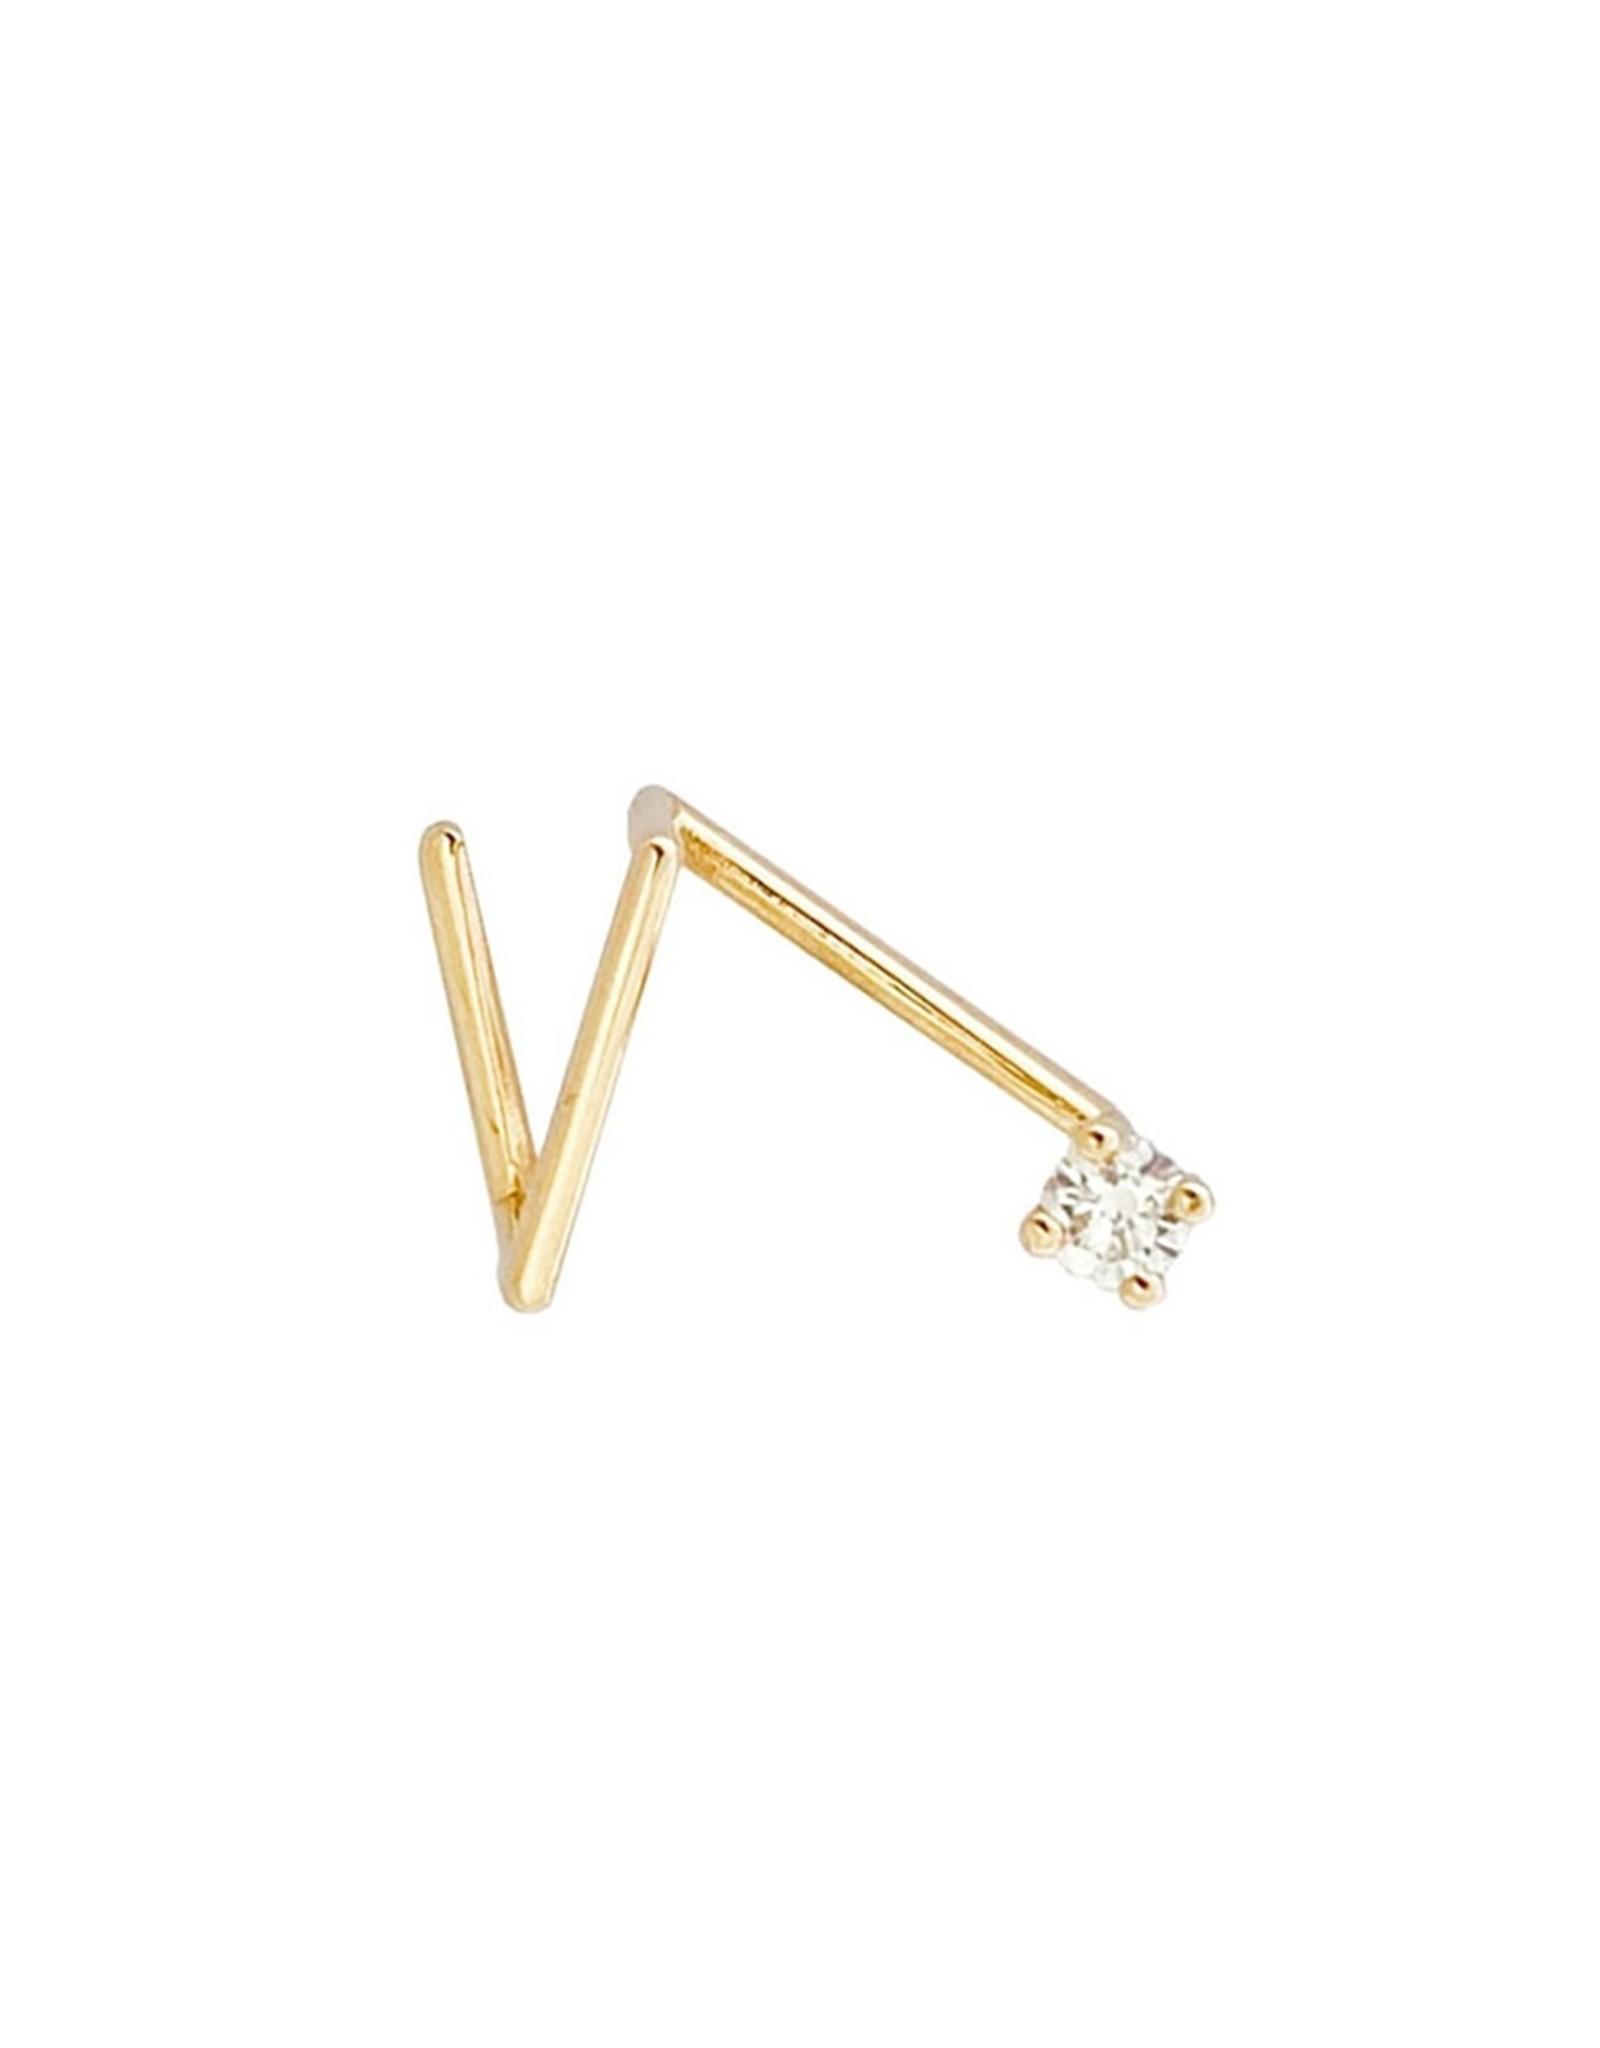 Sansoeurs Z 2'5 mm diamond  gold earring (left ear)